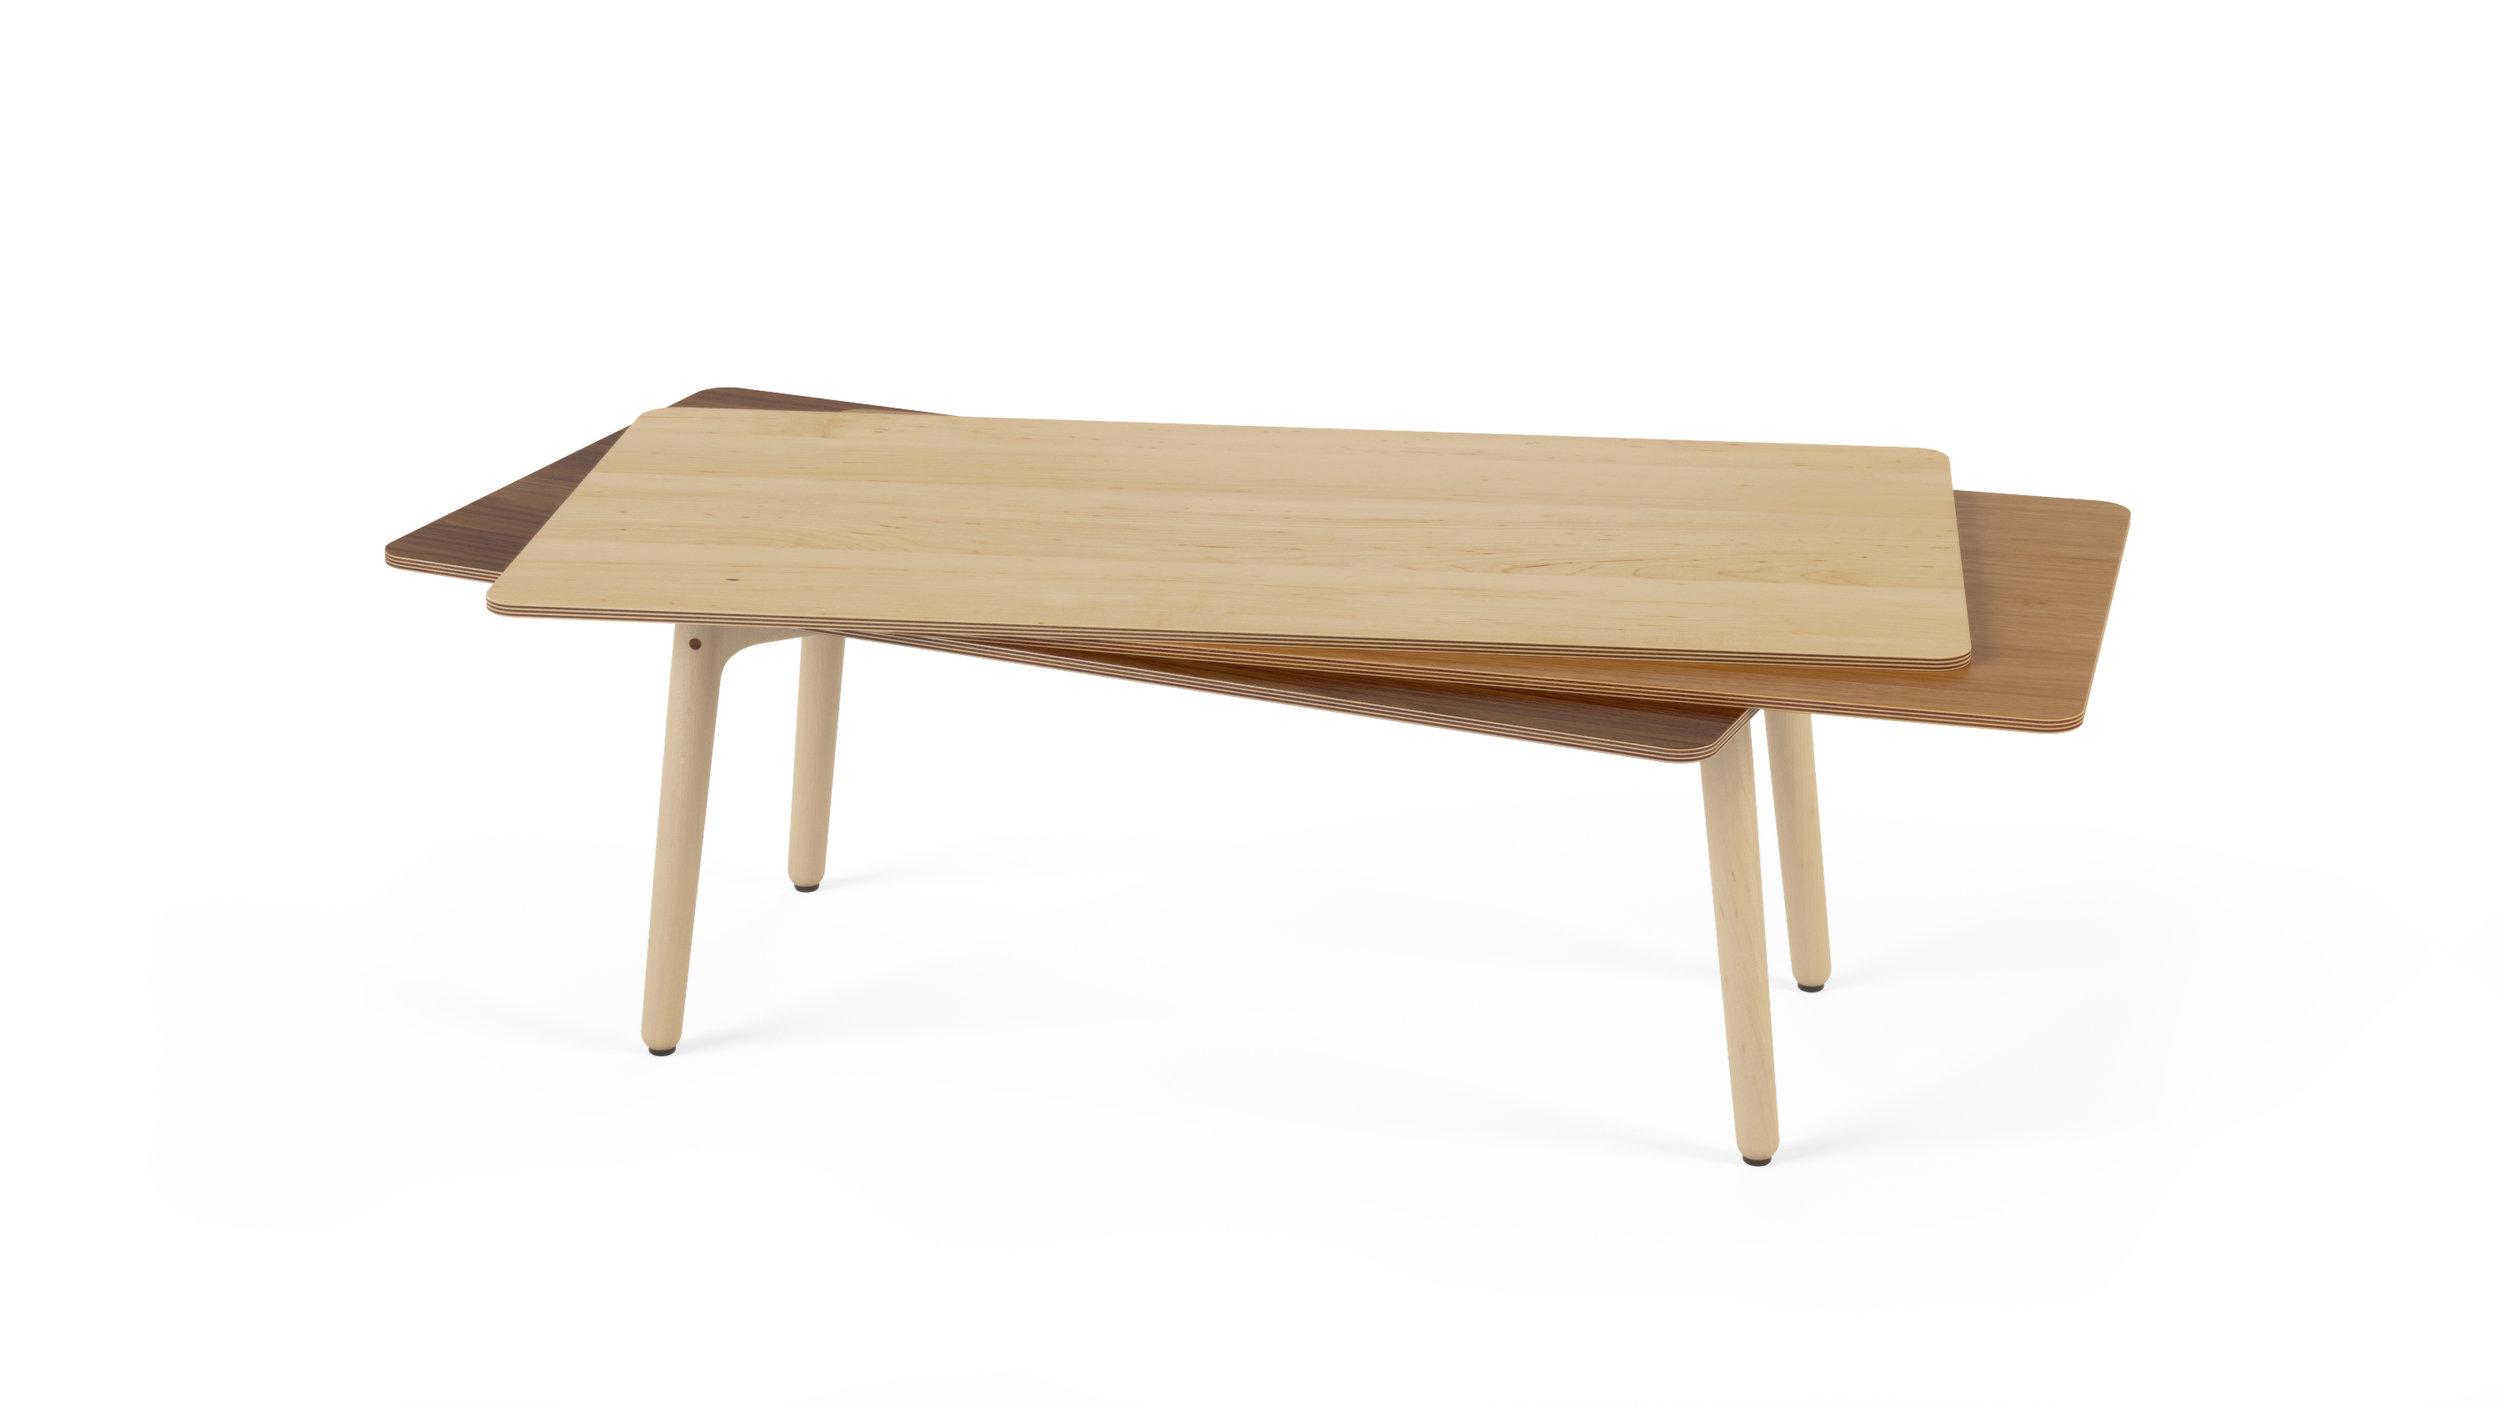 Stacked Coffee Table (Wood) - Maple, Oak, Walnut.jpg